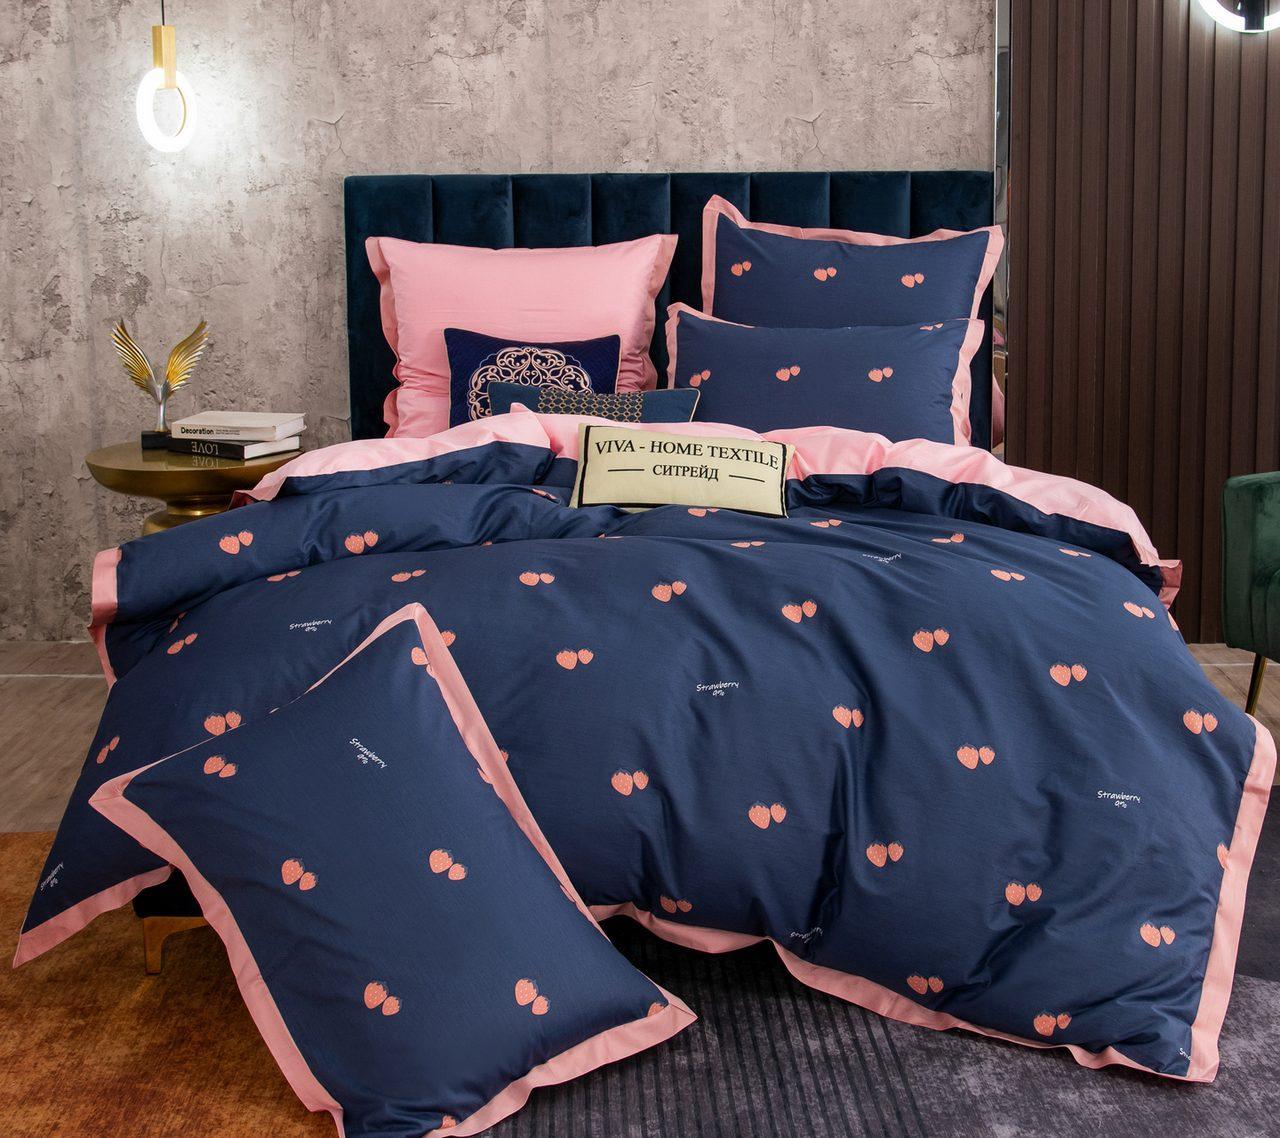 Комплект постельного белья Сатин Экстра - фото 1